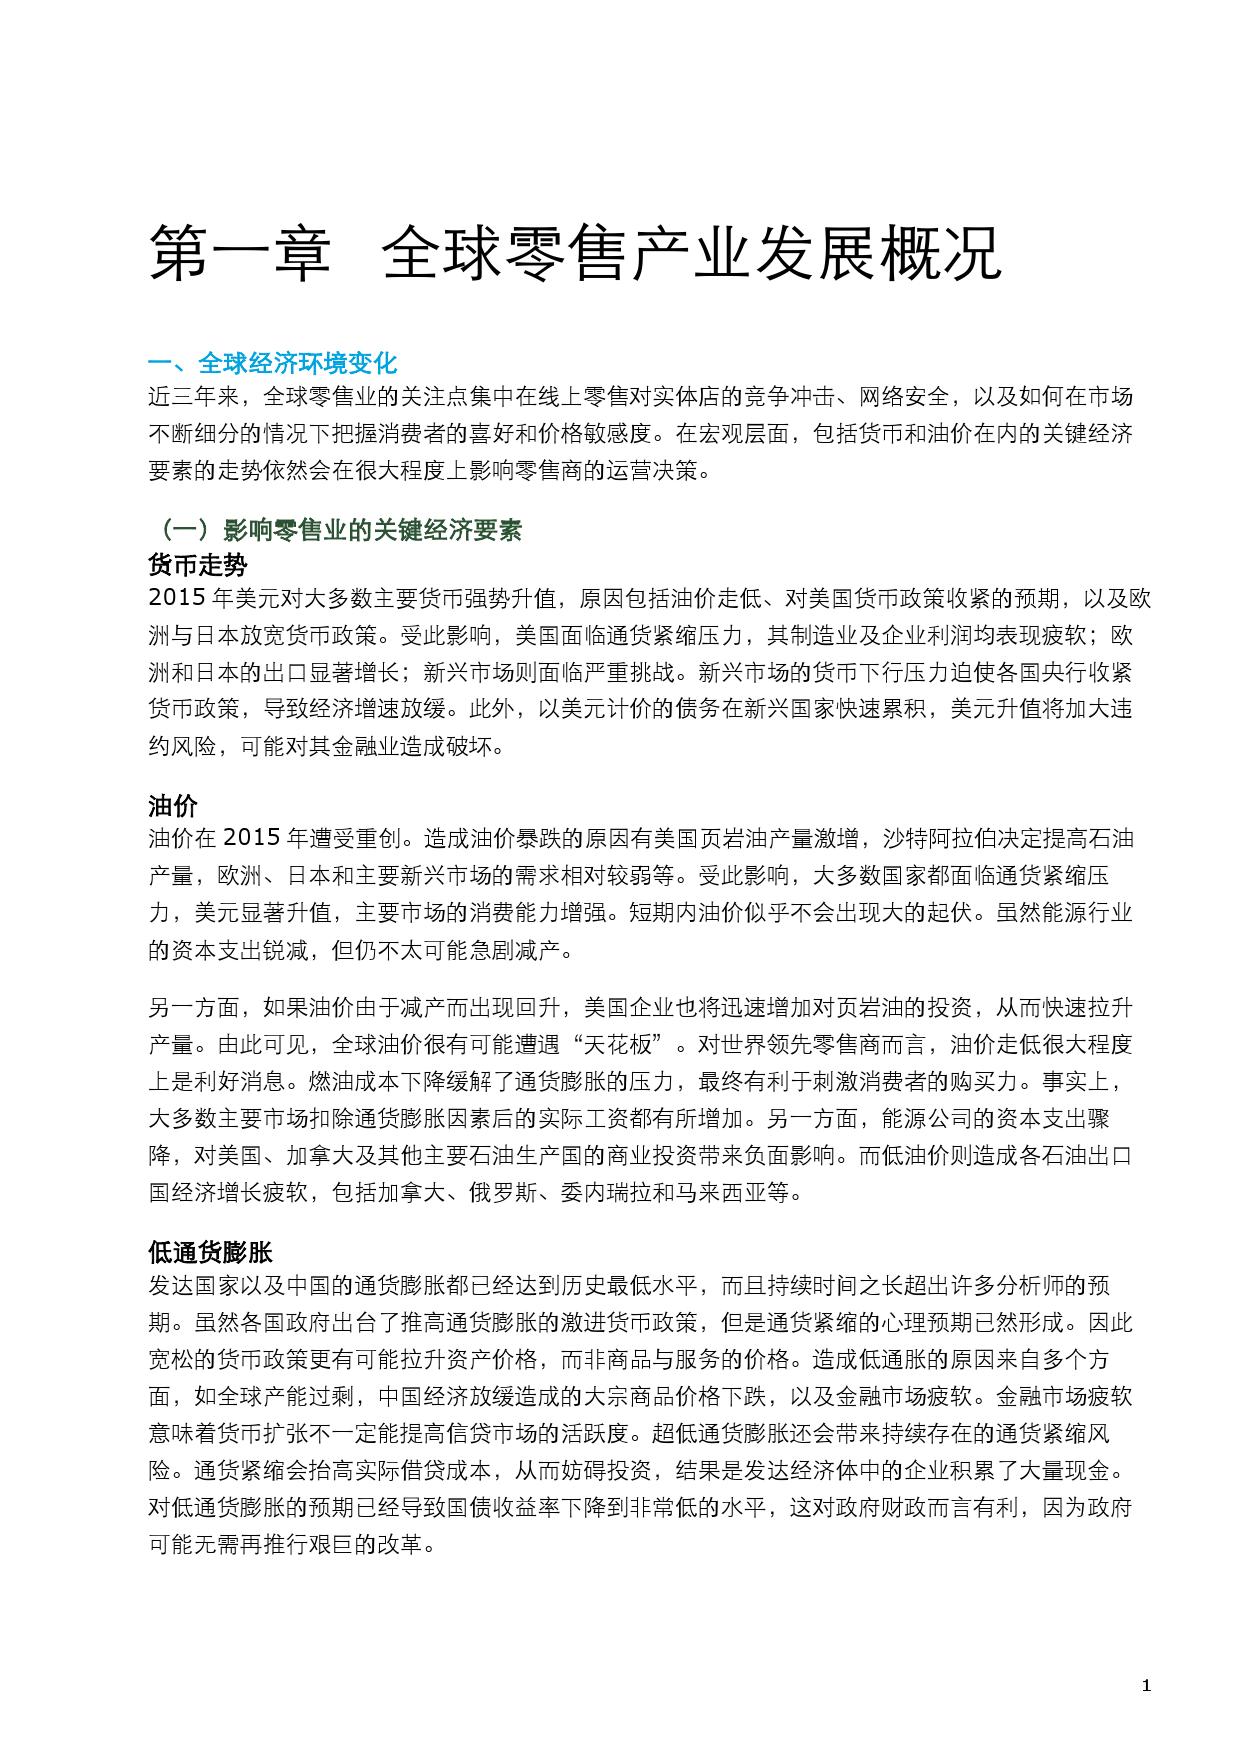 2015中国零售产业投资促进报告_000009